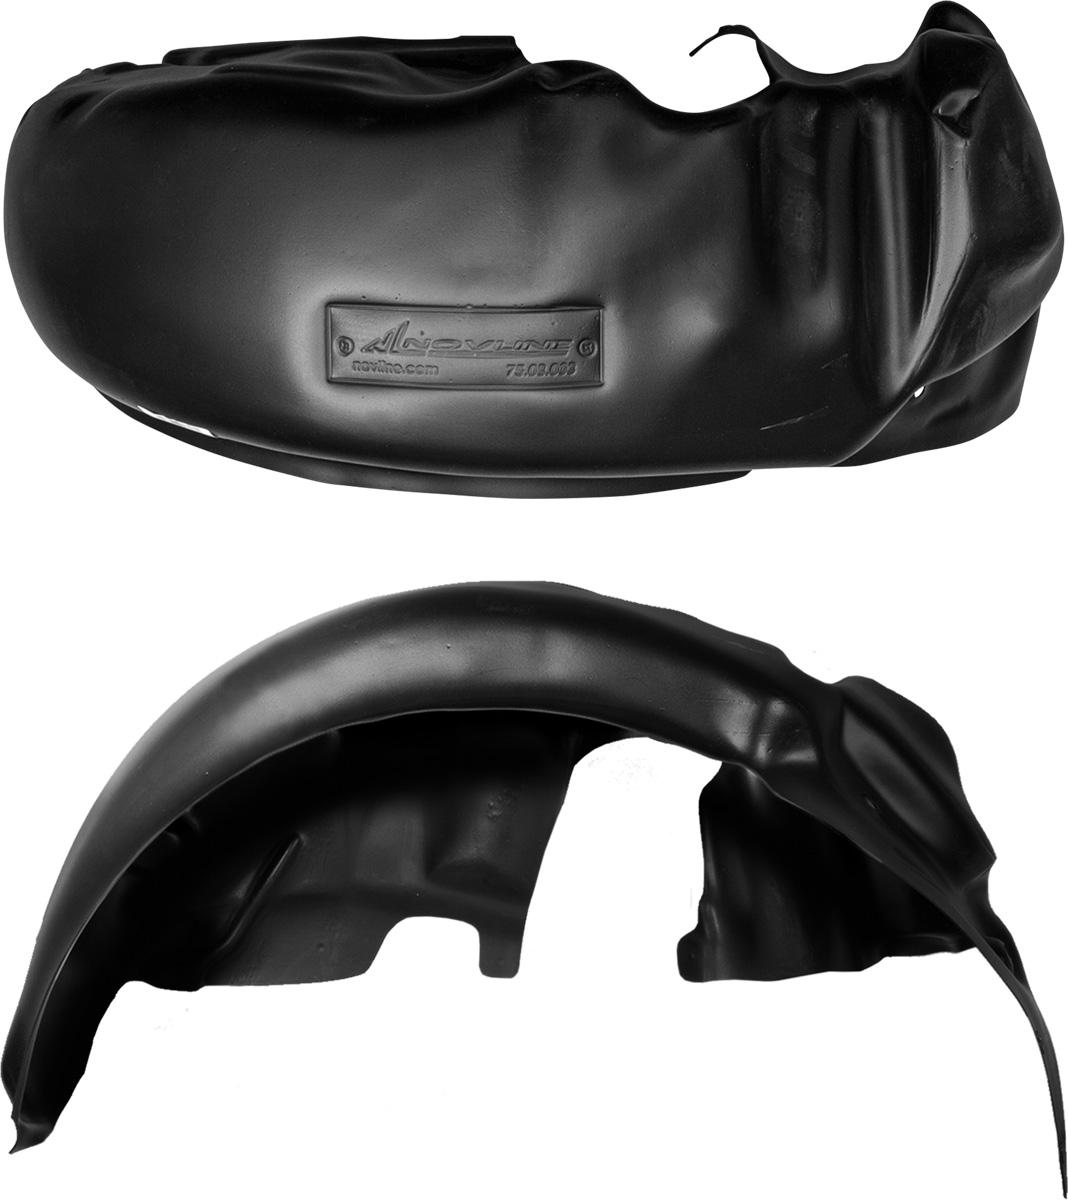 Подкрылок Novline-Autofamily, для Nissan X-Trail, 2011->, задний правыйNLL.36.38.004Колесные ниши - одни из самых уязвимых зон днища вашего автомобиля. Они постоянно подвергаются воздействию со стороны дороги. Лучшая, почти абсолютная защита для них - специально отформованные пластиковые кожухи, которые называются подкрылками. Производятся они как для отечественных моделей автомобилей, так и для иномарок. Подкрылки Novline-Autofamily выполнены из высококачественного, экологически чистого пластика. Обеспечивают надежную защиту кузова автомобиля от пескоструйного эффекта и негативного влияния, агрессивных антигололедных реагентов. Пластик обладает более низкой теплопроводностью, чем металл, поэтому в зимний период эксплуатации использование пластиковых подкрылков позволяет лучше защитить колесные ниши от налипания снега и образования наледи. Оригинальность конструкции подчеркивает элегантность автомобиля, бережно защищает нанесенное на днище кузова антикоррозийное покрытие и позволяет осуществить крепление подкрылков внутри колесной арки практически без...